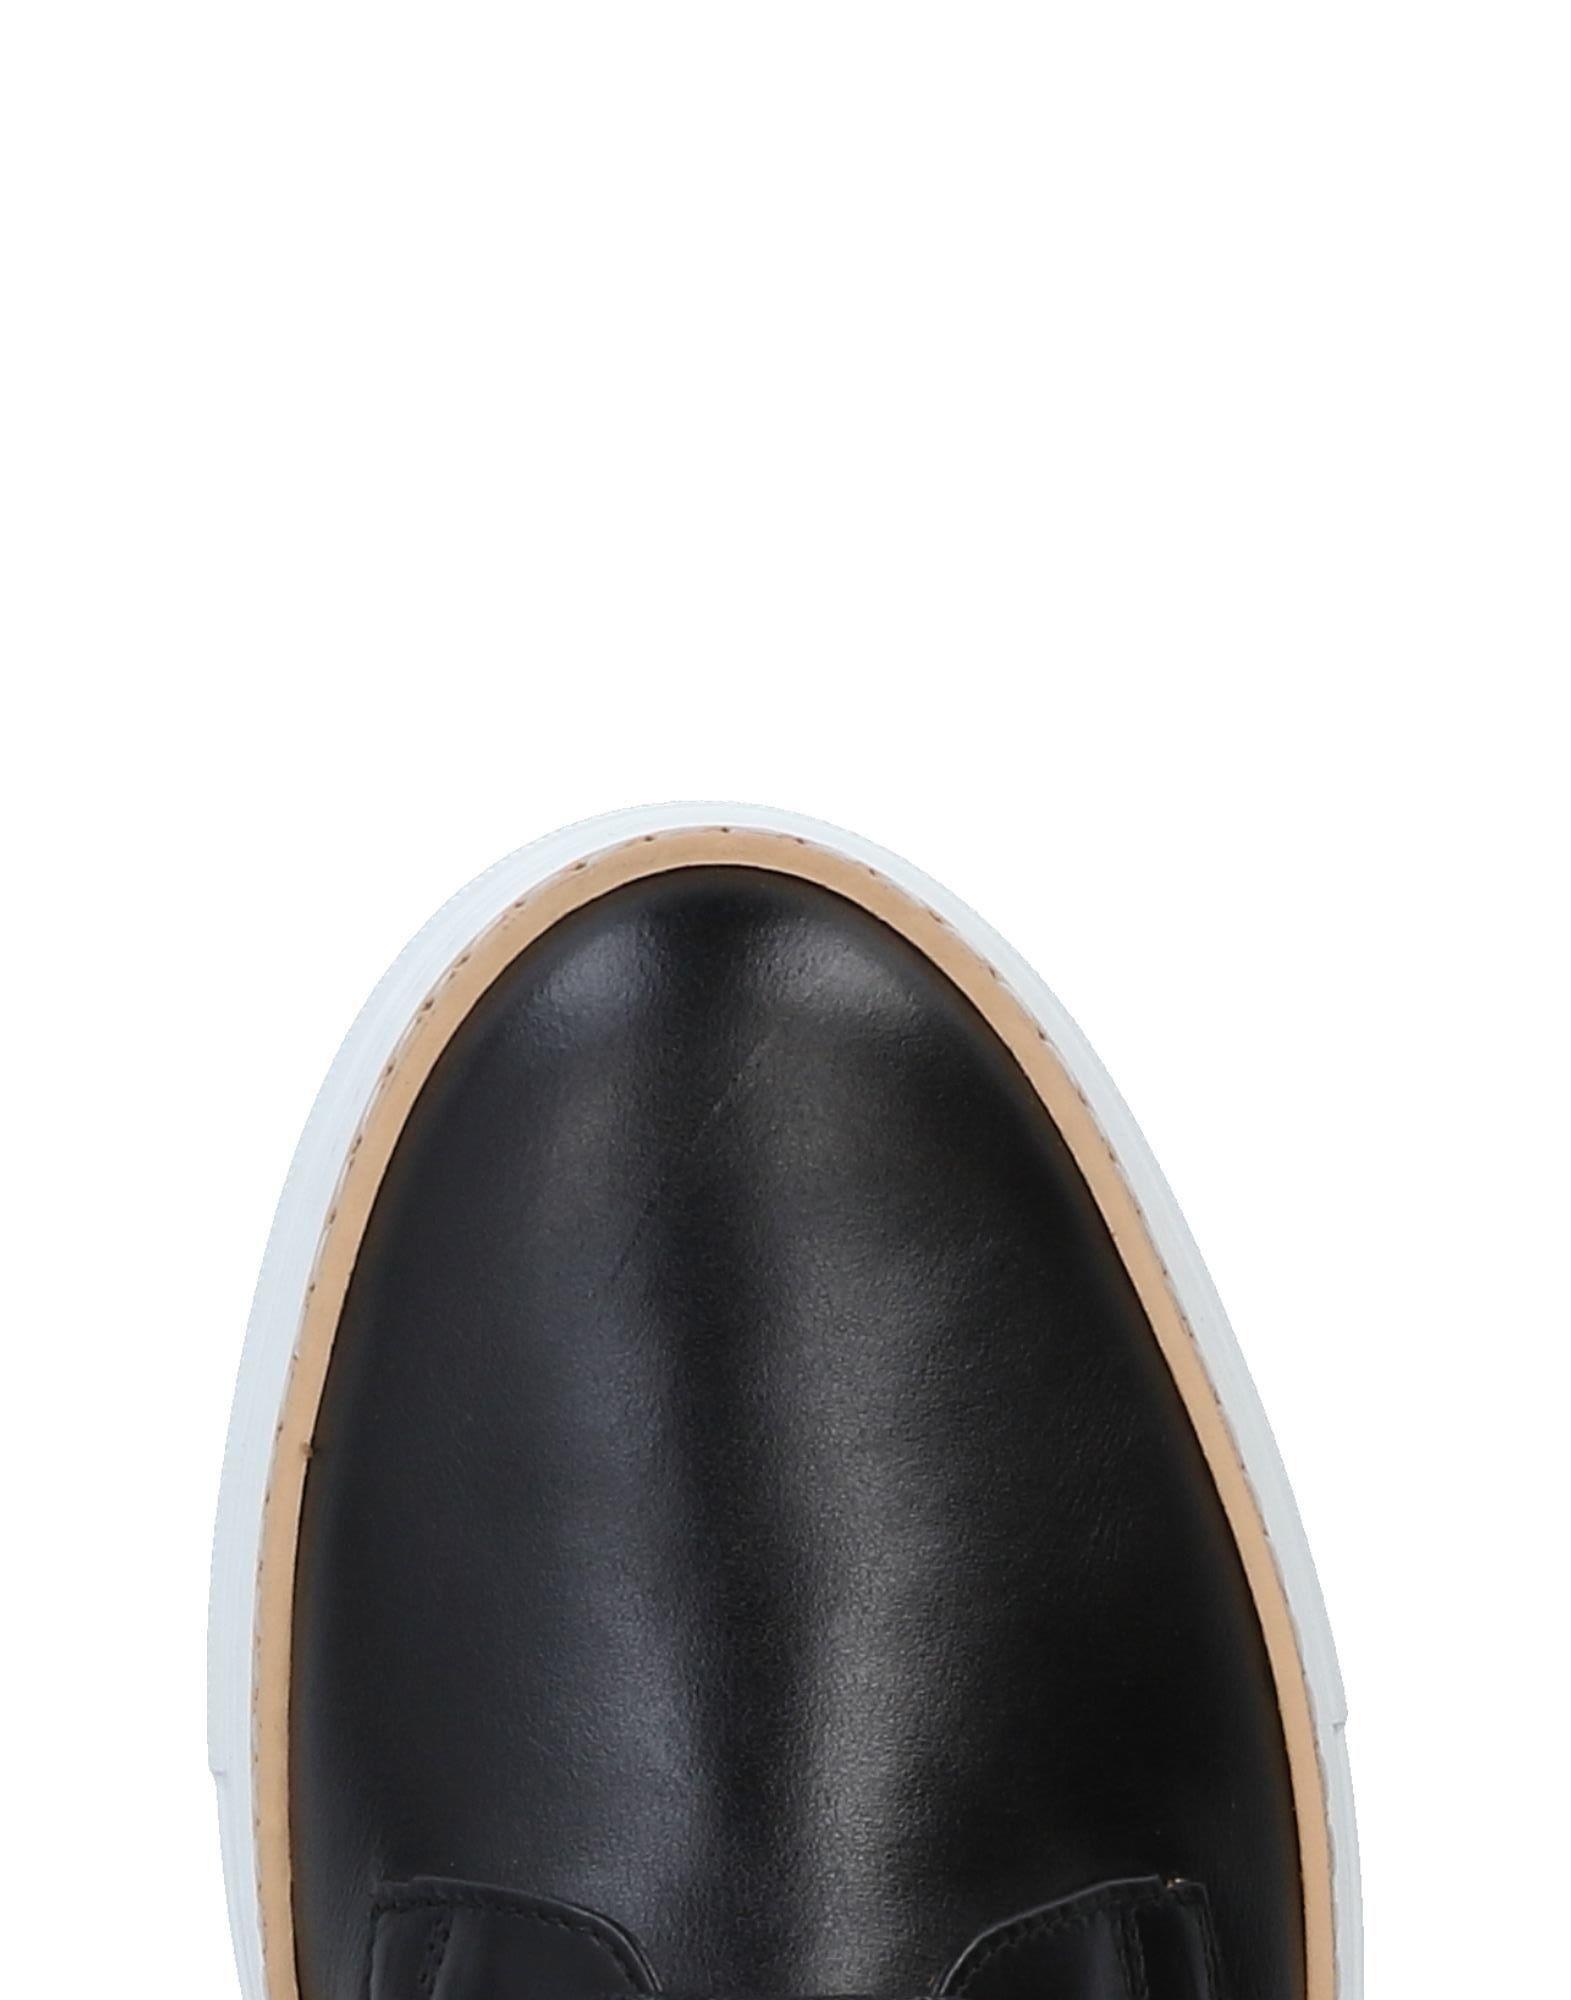 Pantofola D'oro Schnürschuhe Schnürschuhe D'oro Herren  11455685HL 56bf63